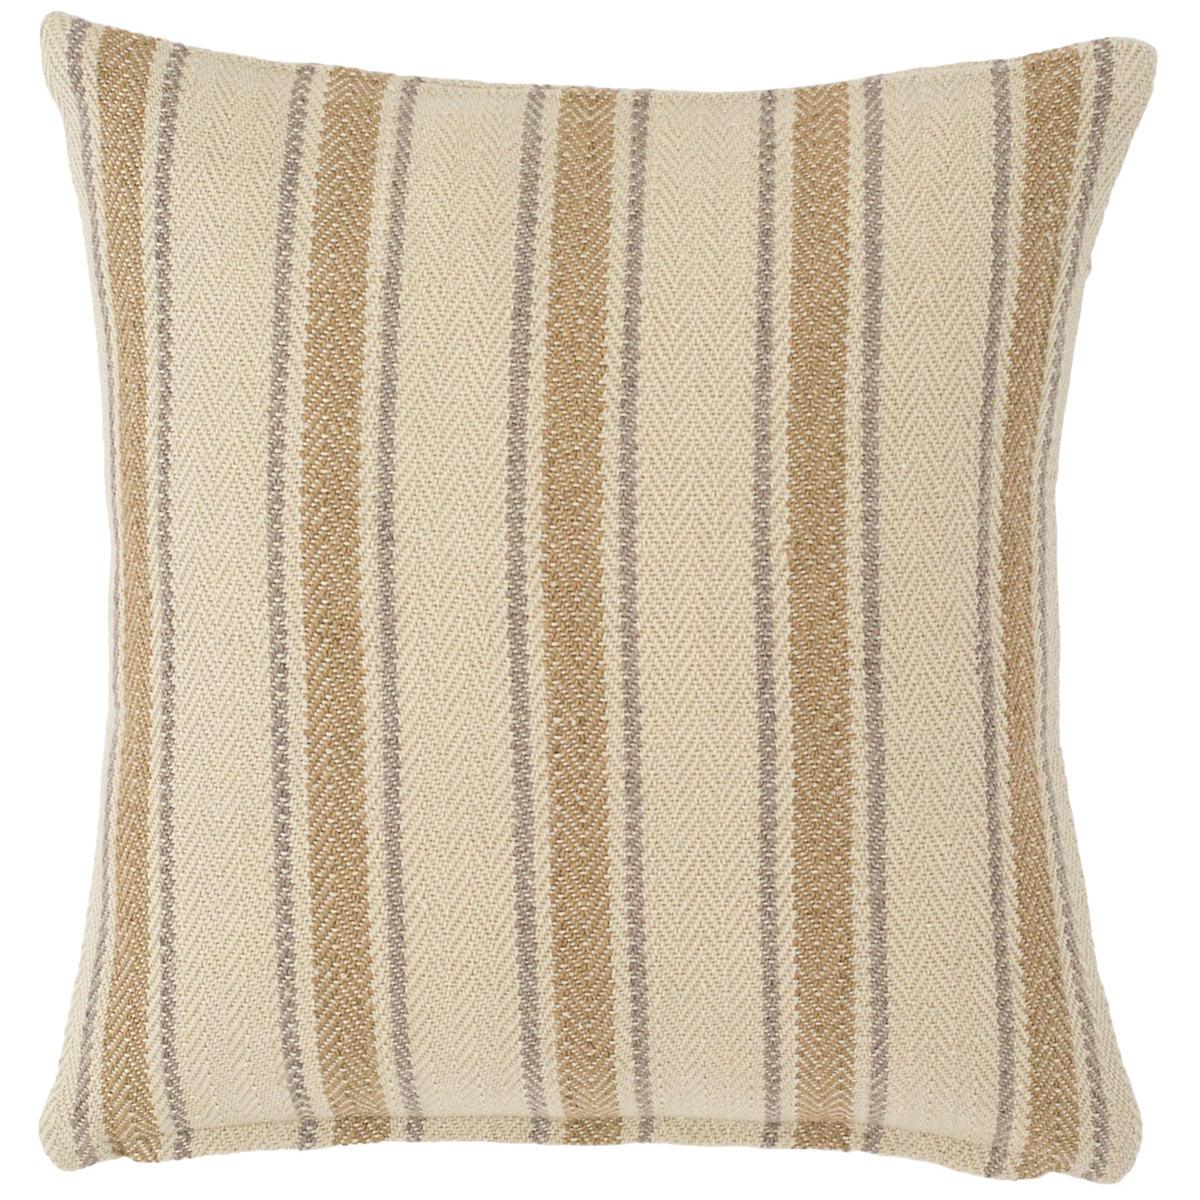 Cambridge Grey Indoor/Outdoor Pillow